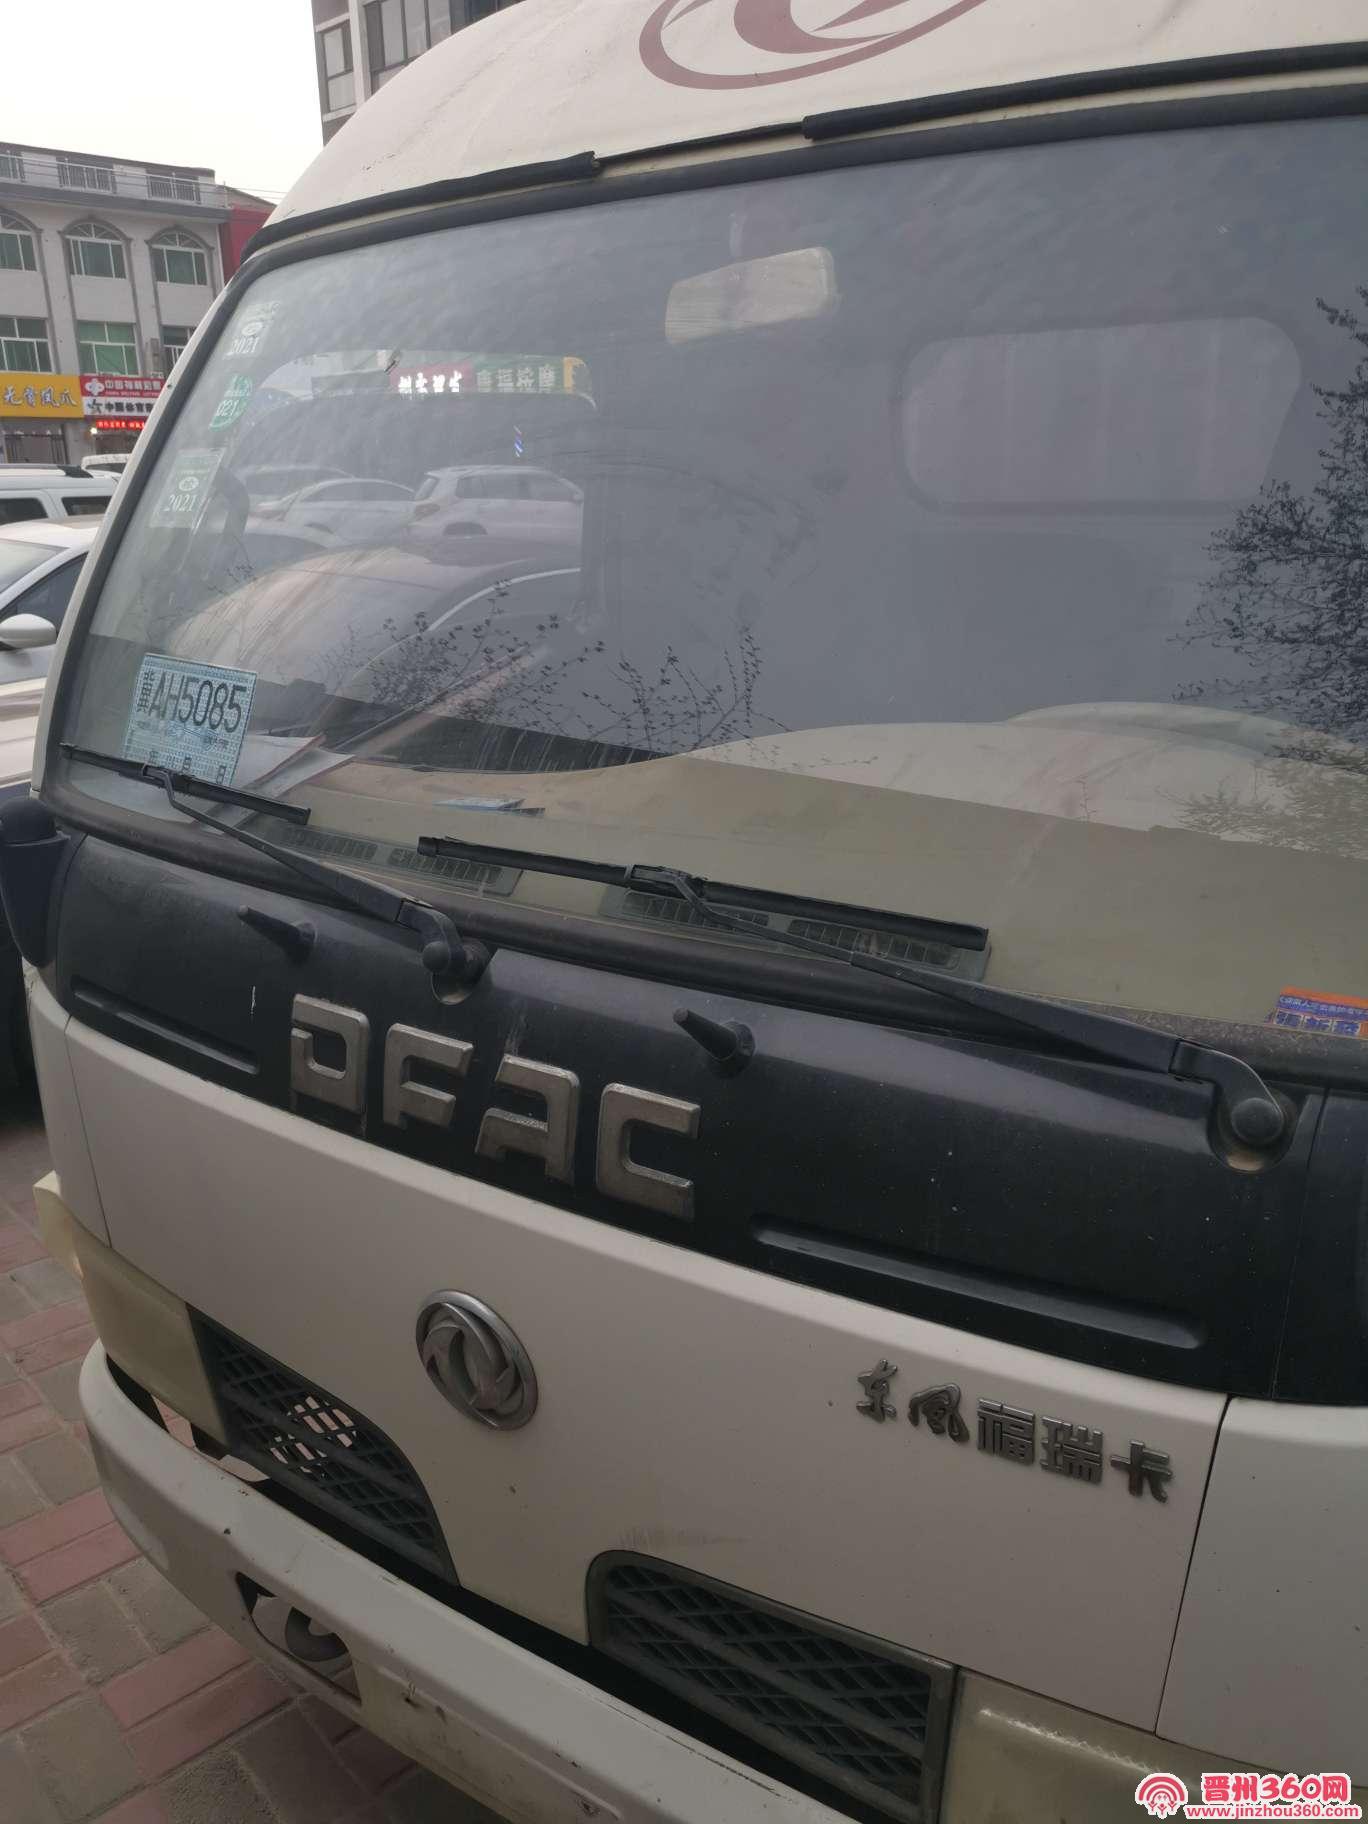 出售2011年东风箱货3.3米!